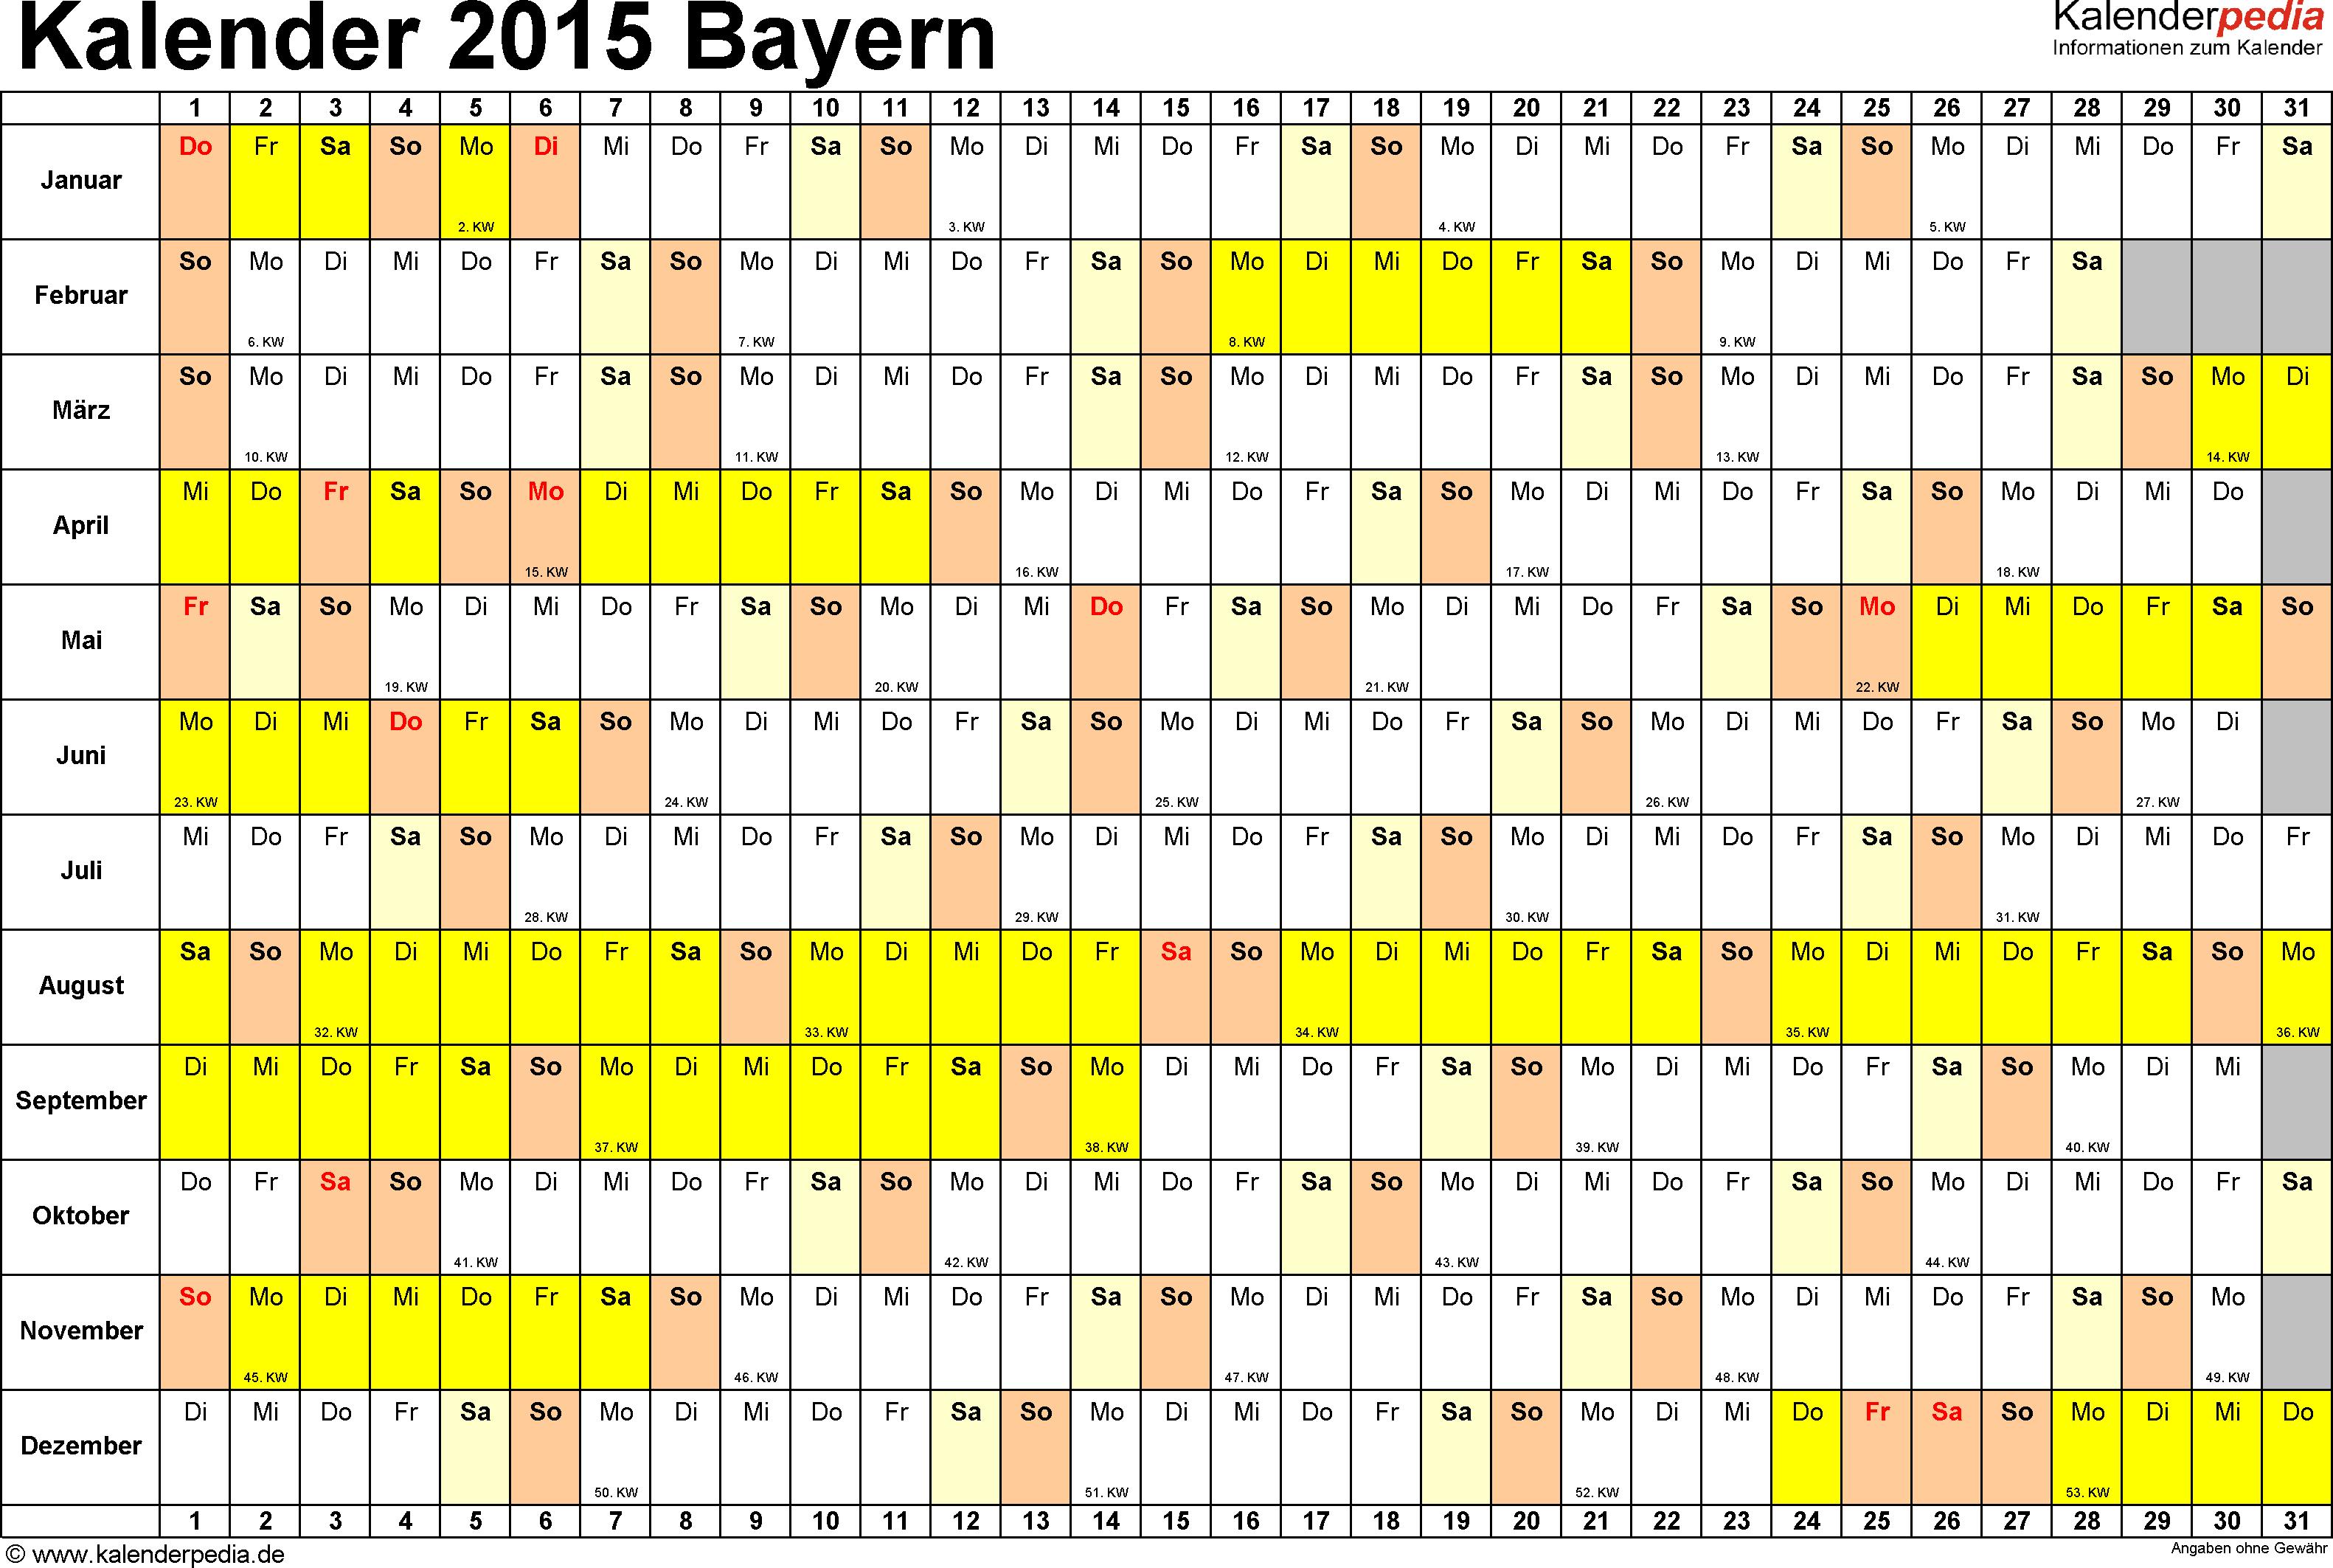 Vorlage 3: Kalender Bayern 2015 im Querformat, Tage nebeneinander